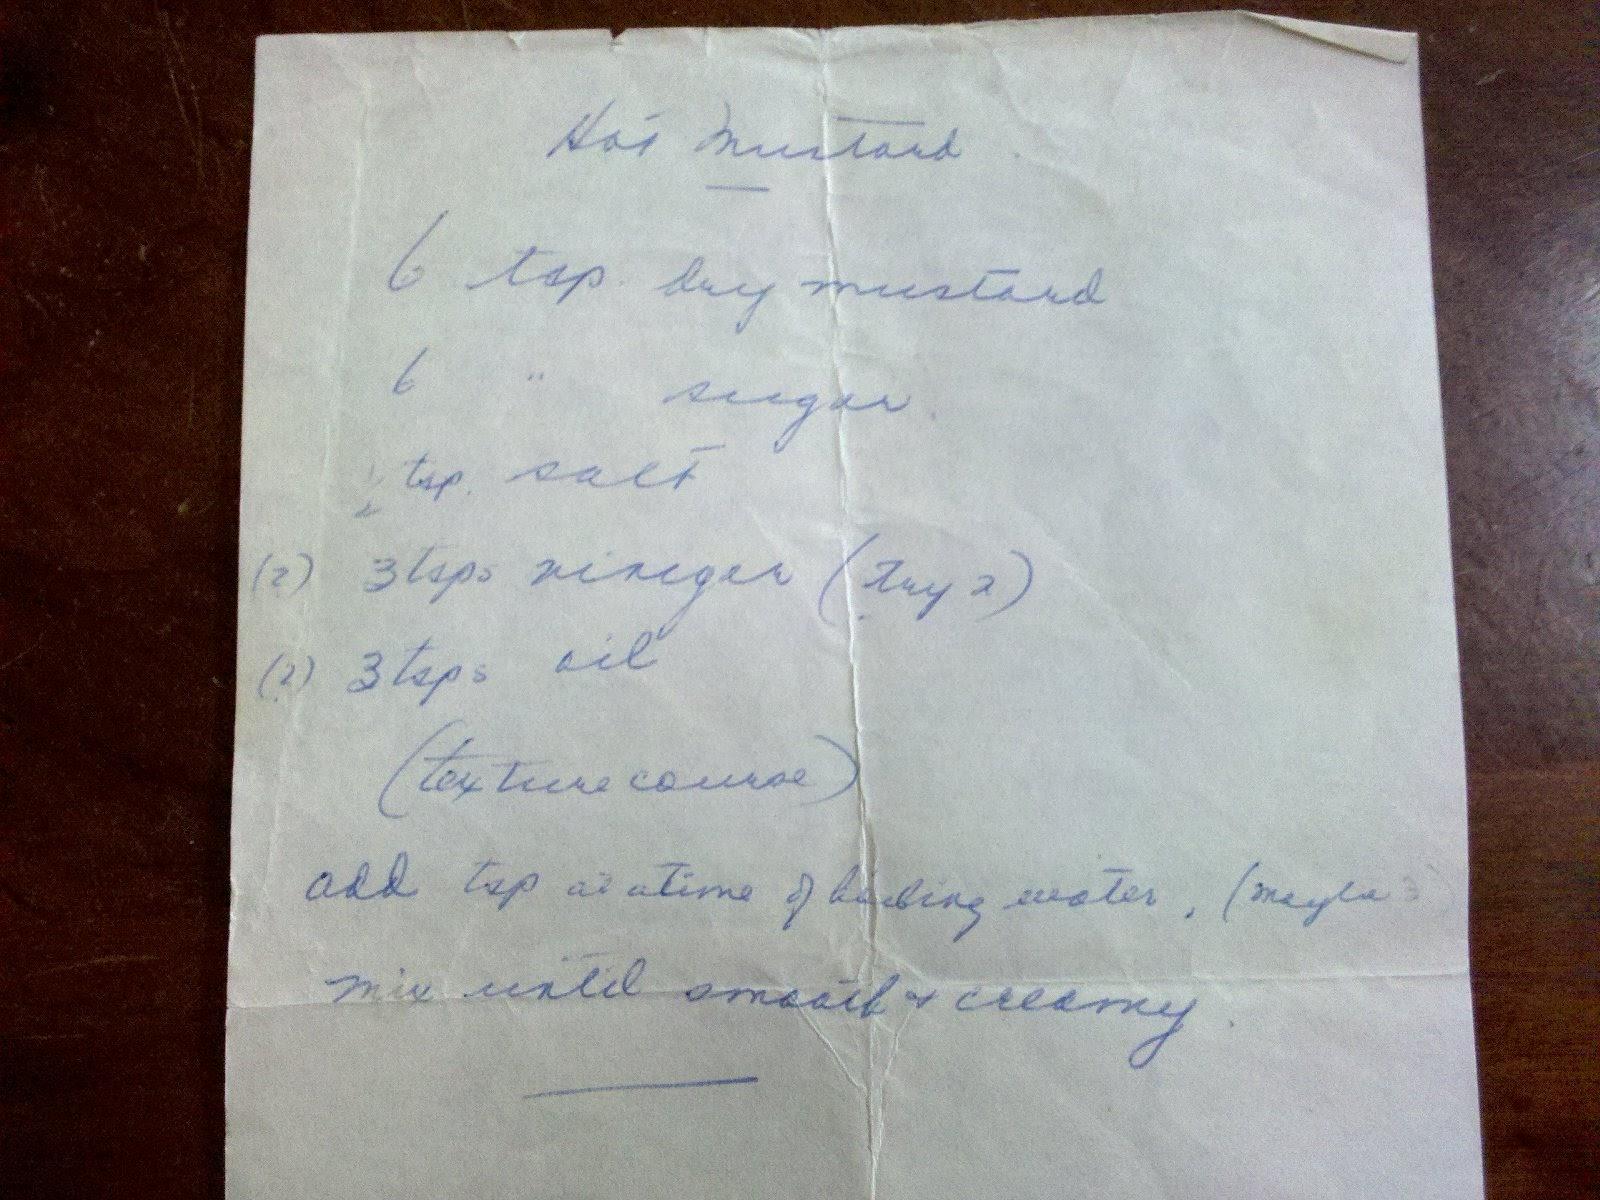 Photo: Hot Mustard Recipe Bubbie Lou's Original Handwritten Recipe